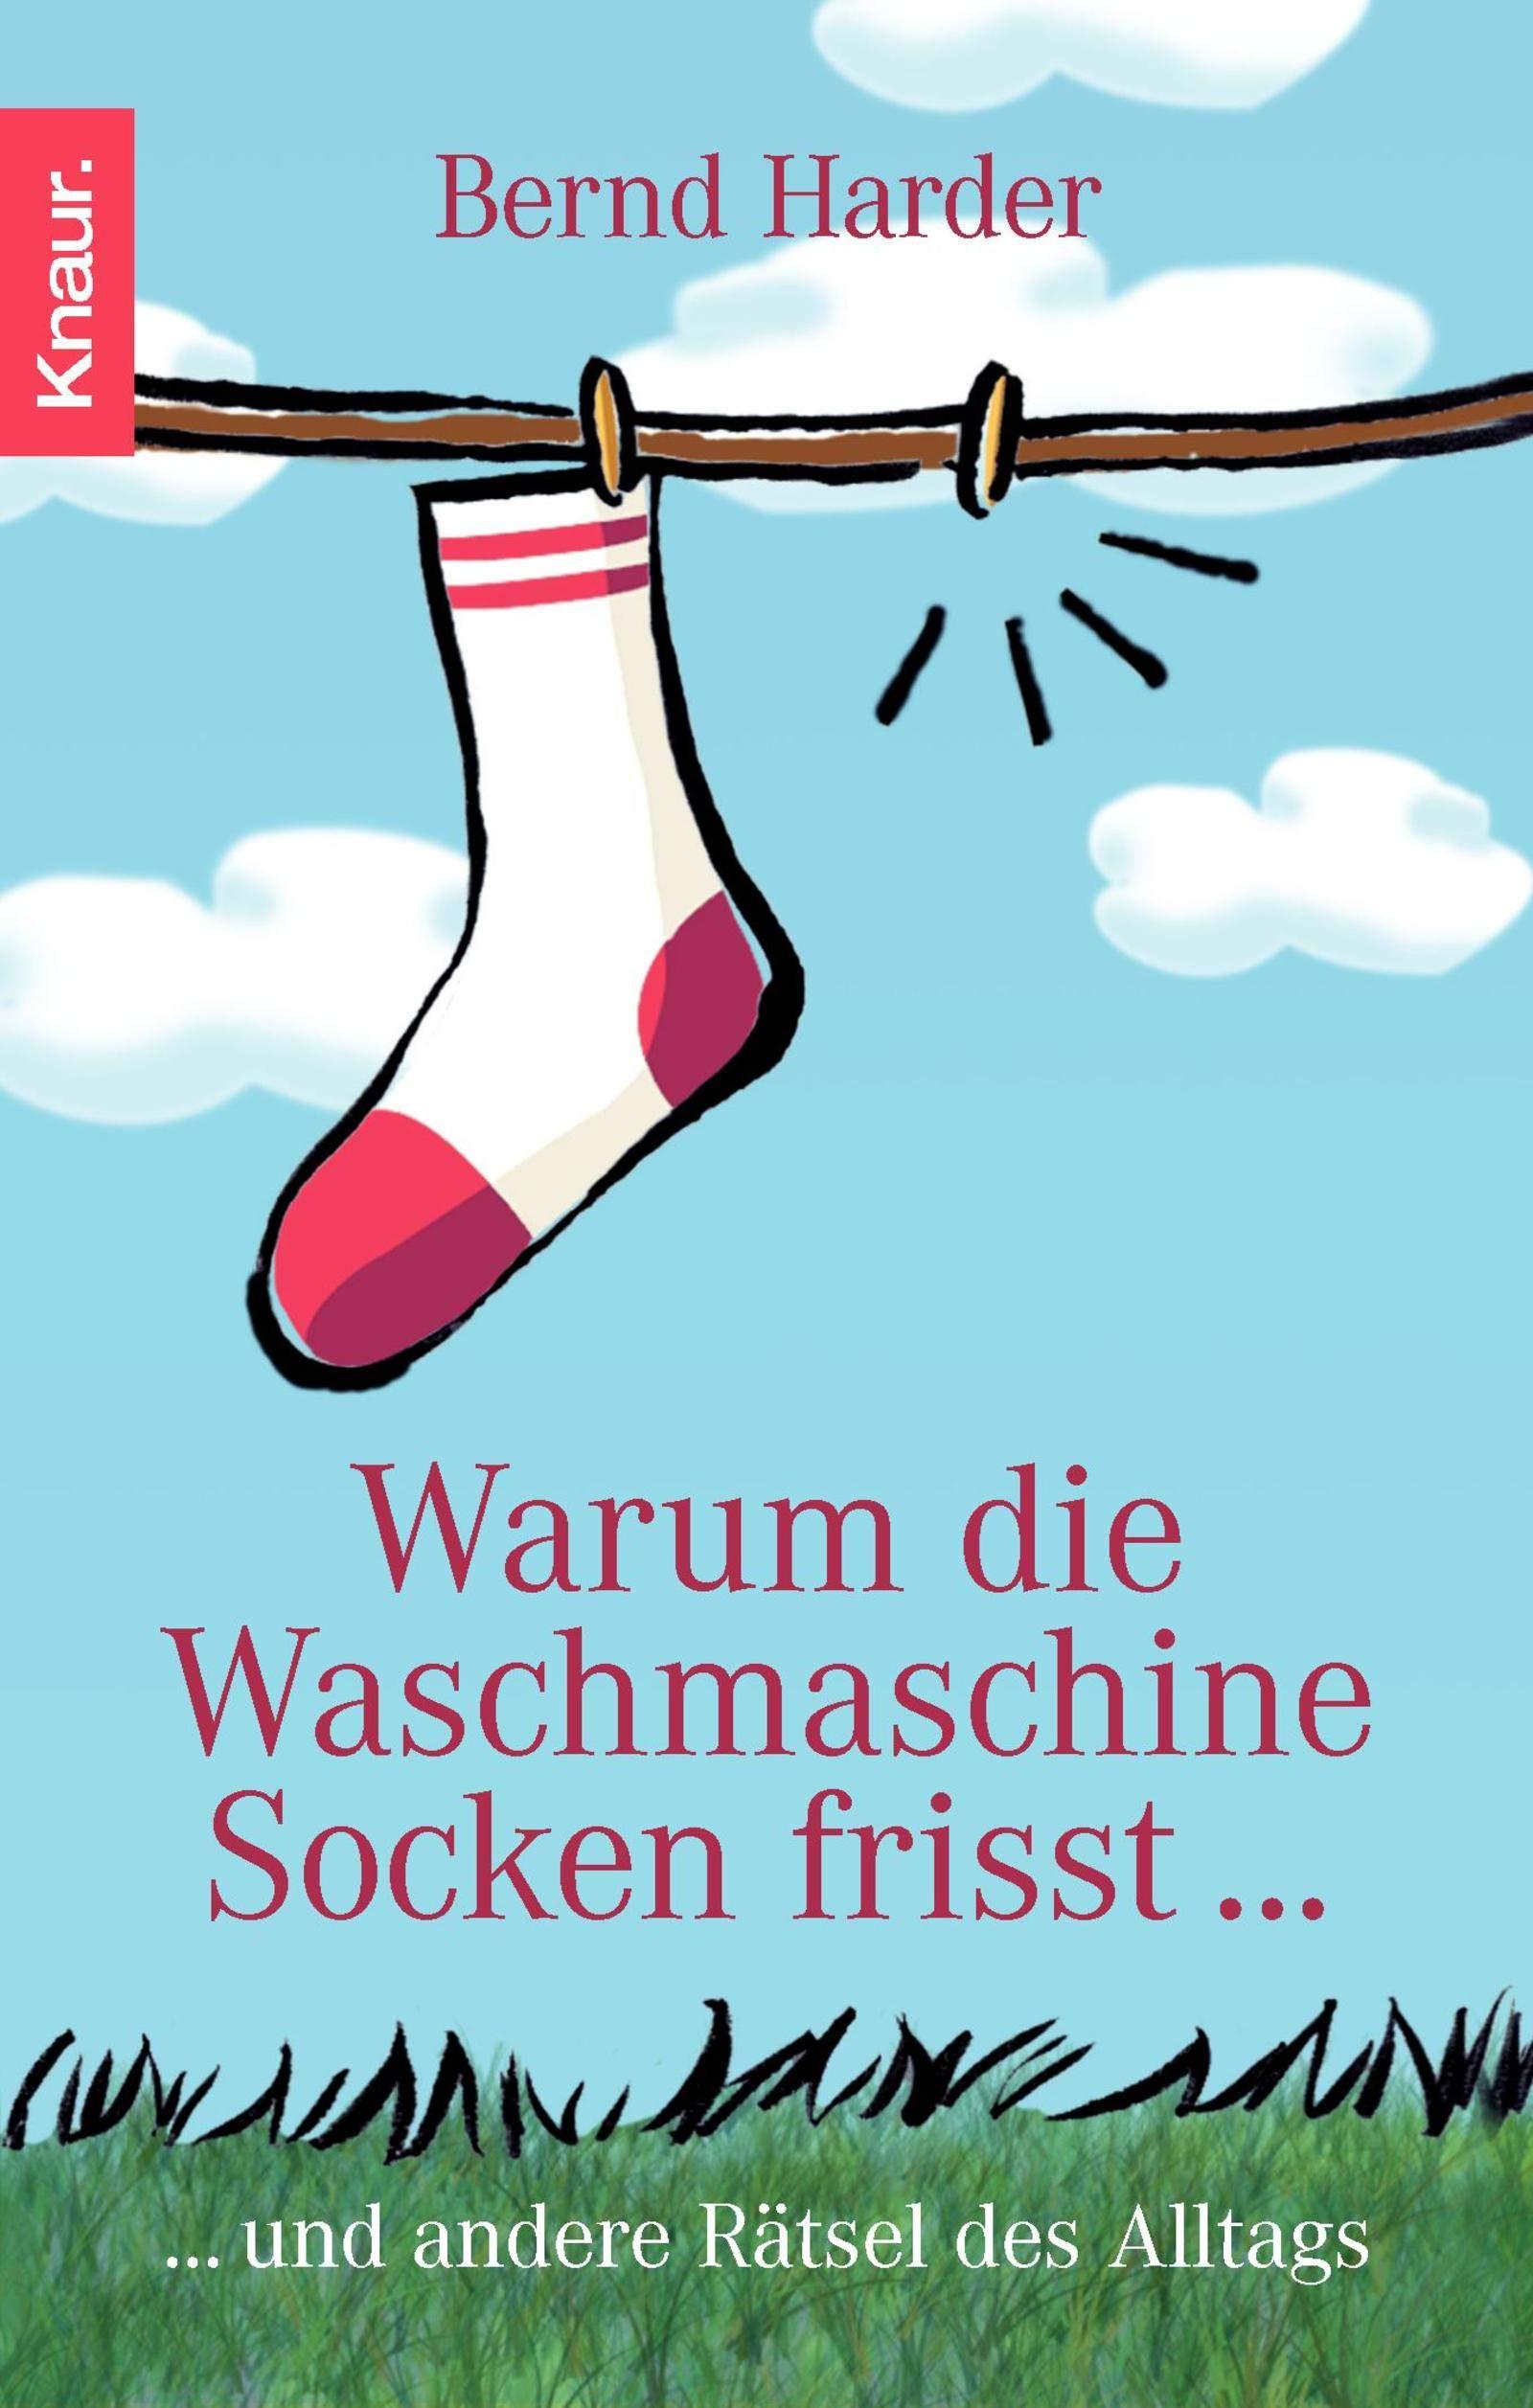 60c77496ed0a73 Warum die Waschmaschine Socken frisst...: ... und andere Rätsel des ...